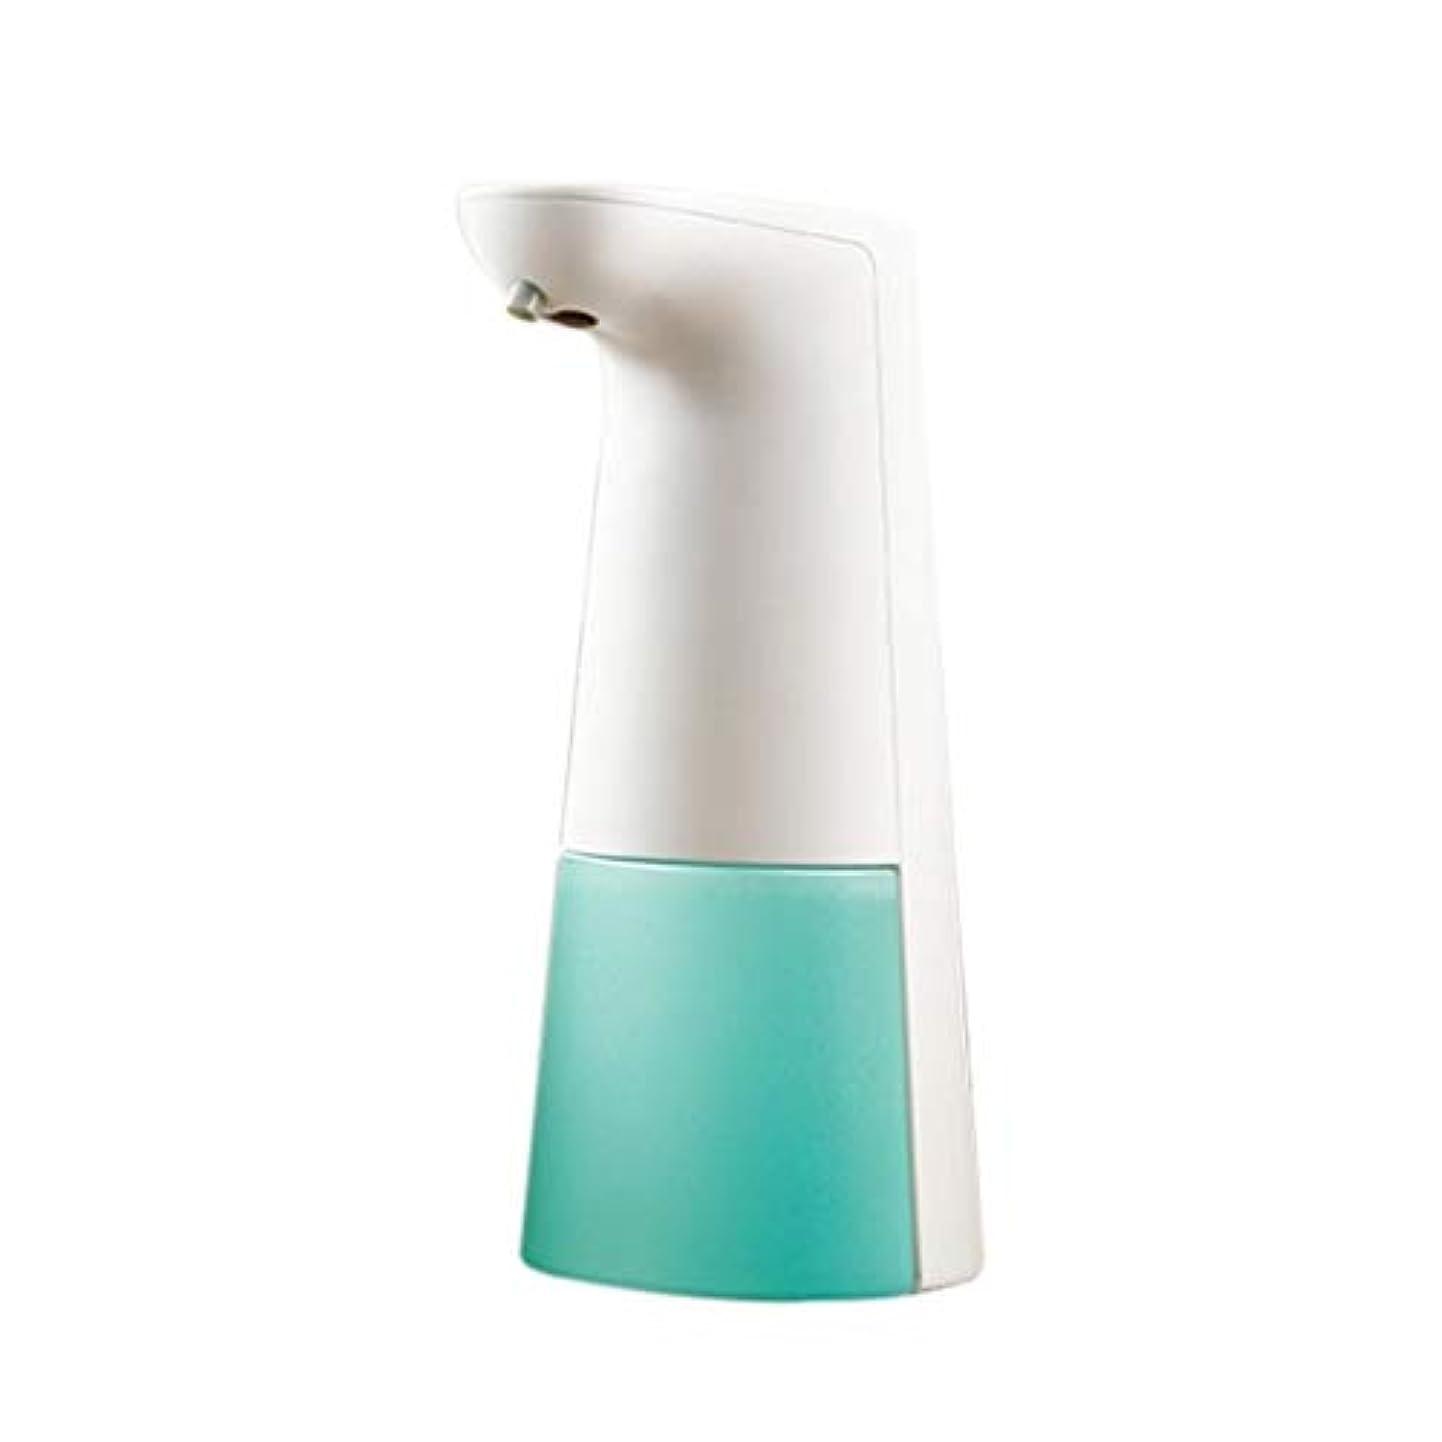 初期のパン屋小道泡の台所浴室の流しの液体石鹸の瓶250mlのプラスチック石鹸箱のローション(色:白、サイズ:20.4 * 11.6 * 8.9cm) (Color : White, Size : 20.4*11.6*8.9cm)